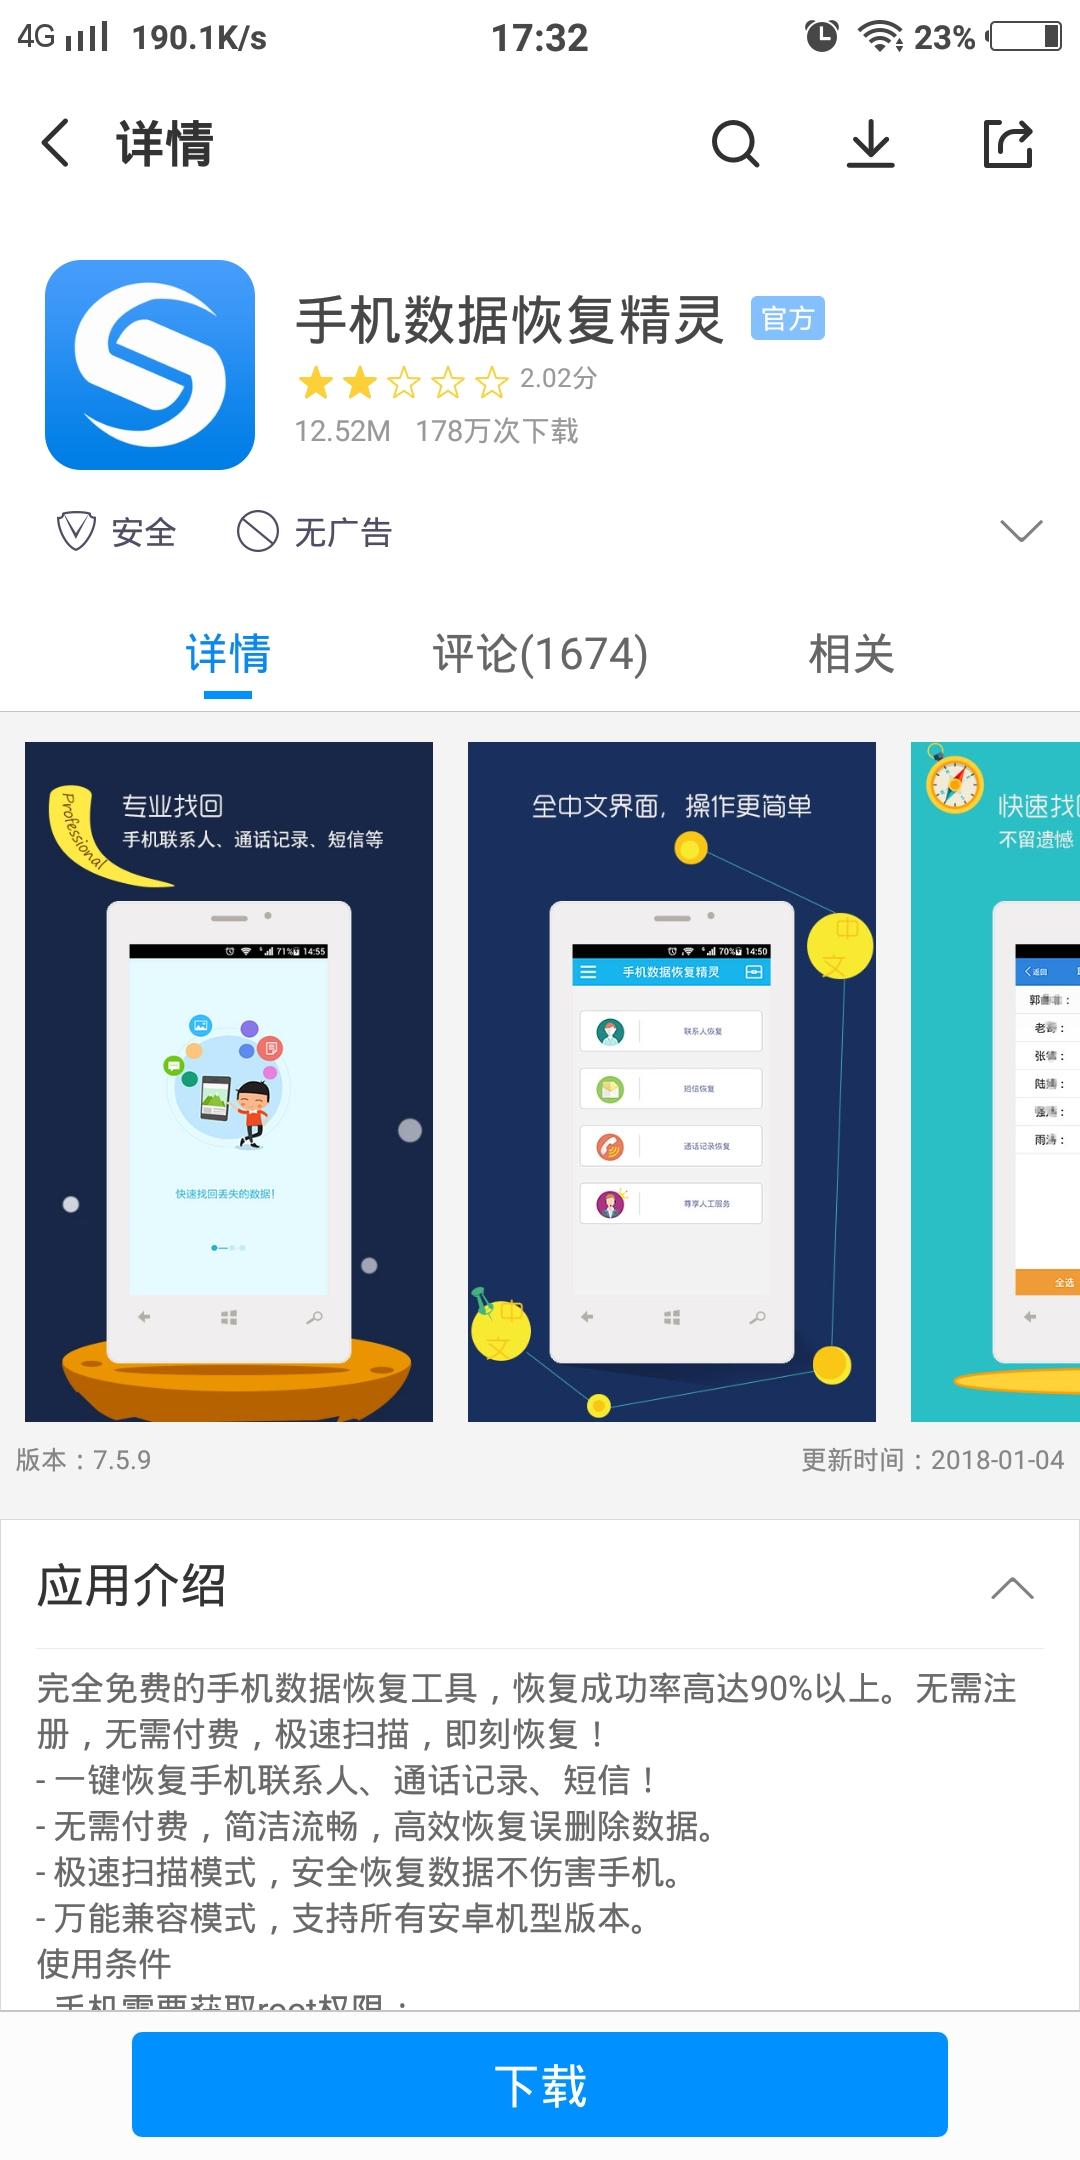 Screenshot_20180105_173247.jpg